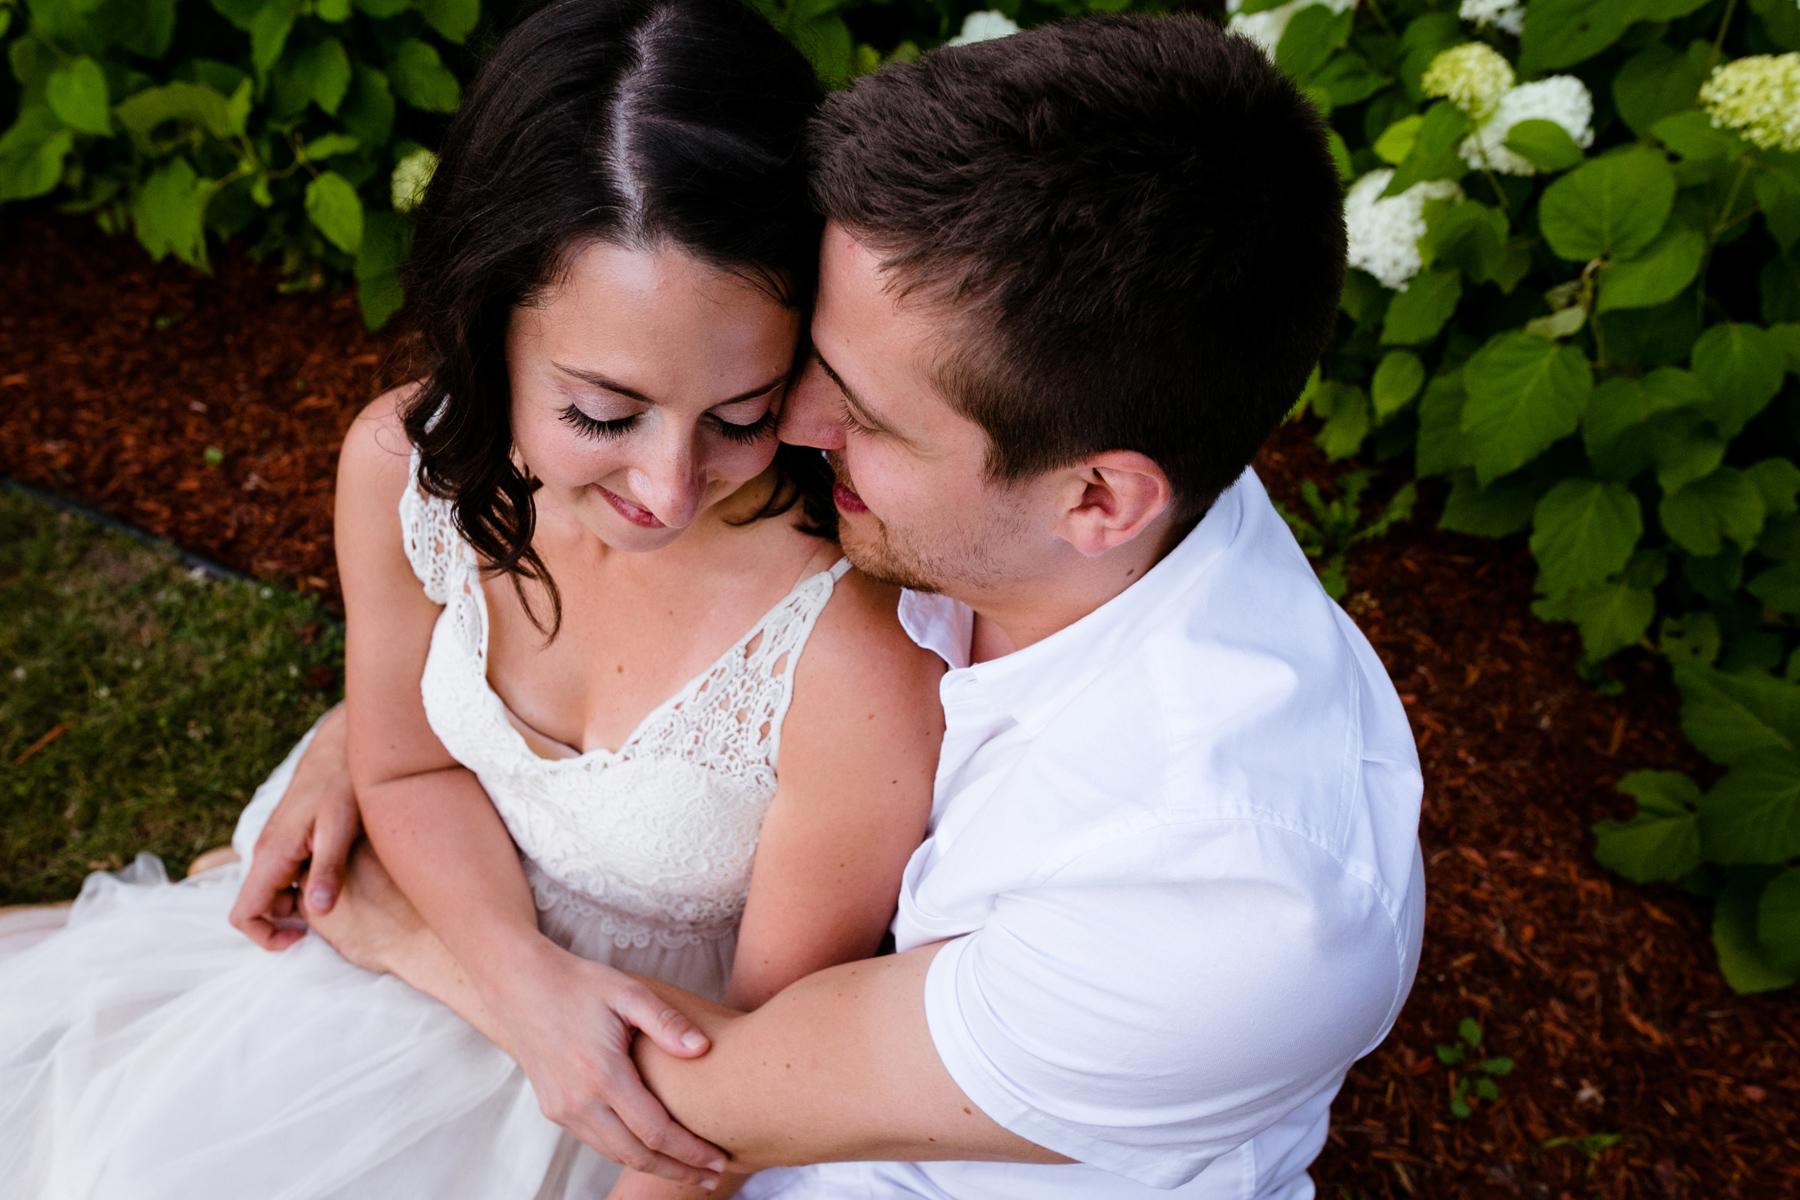 004-downtown-fredericton-wedding-photos-kandisebrown-se2017